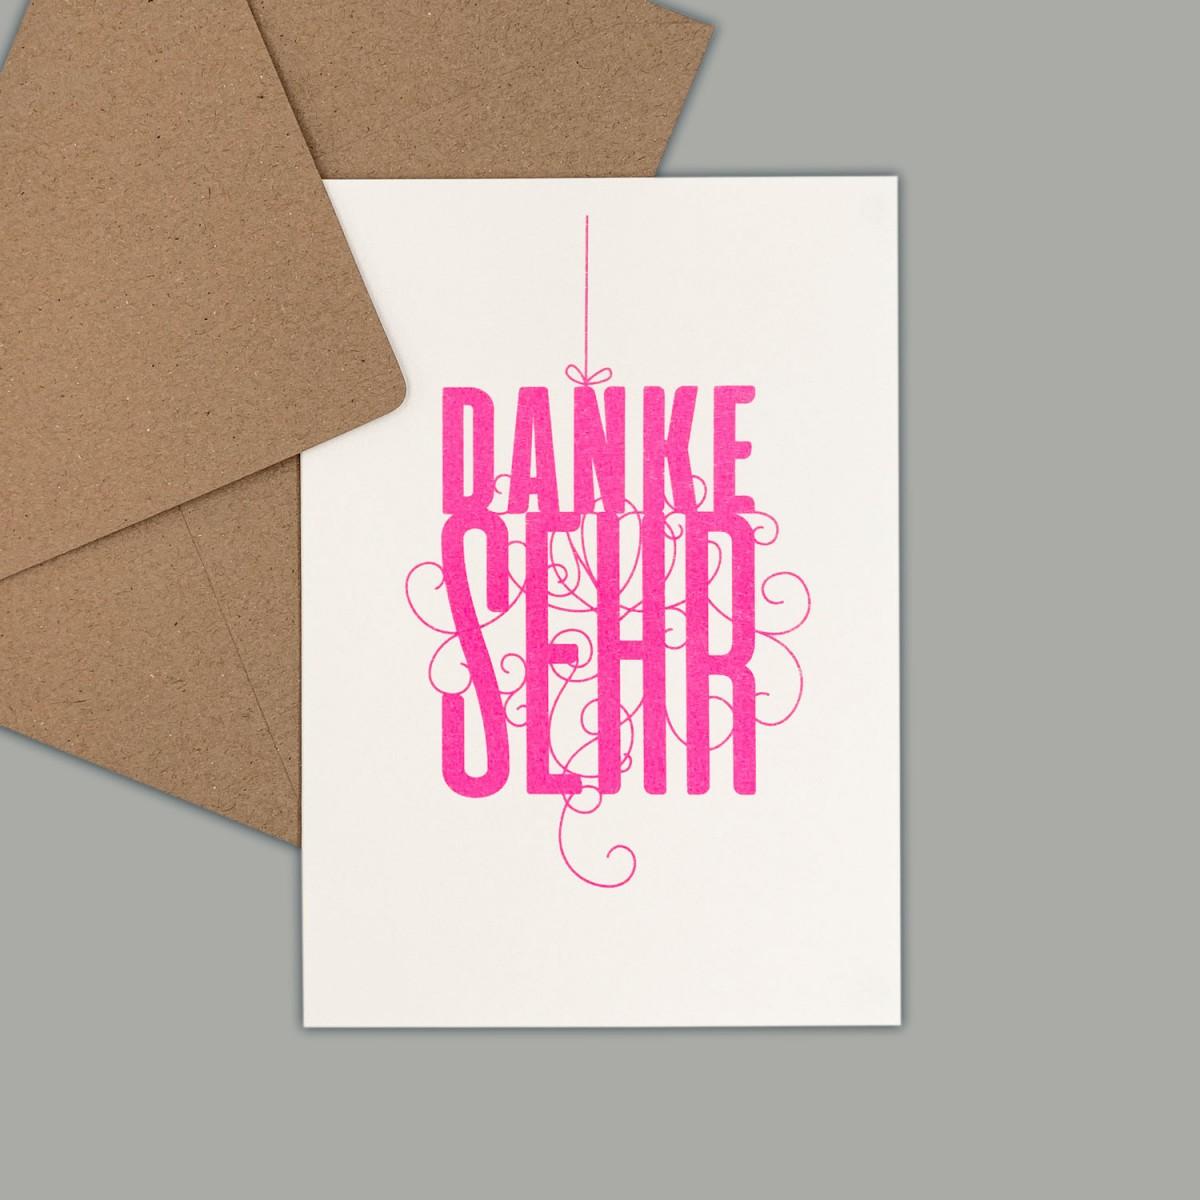 Feingeladen // FANCY TYPE // Danke sehr (FP) // RISO-Klappkarte, A6